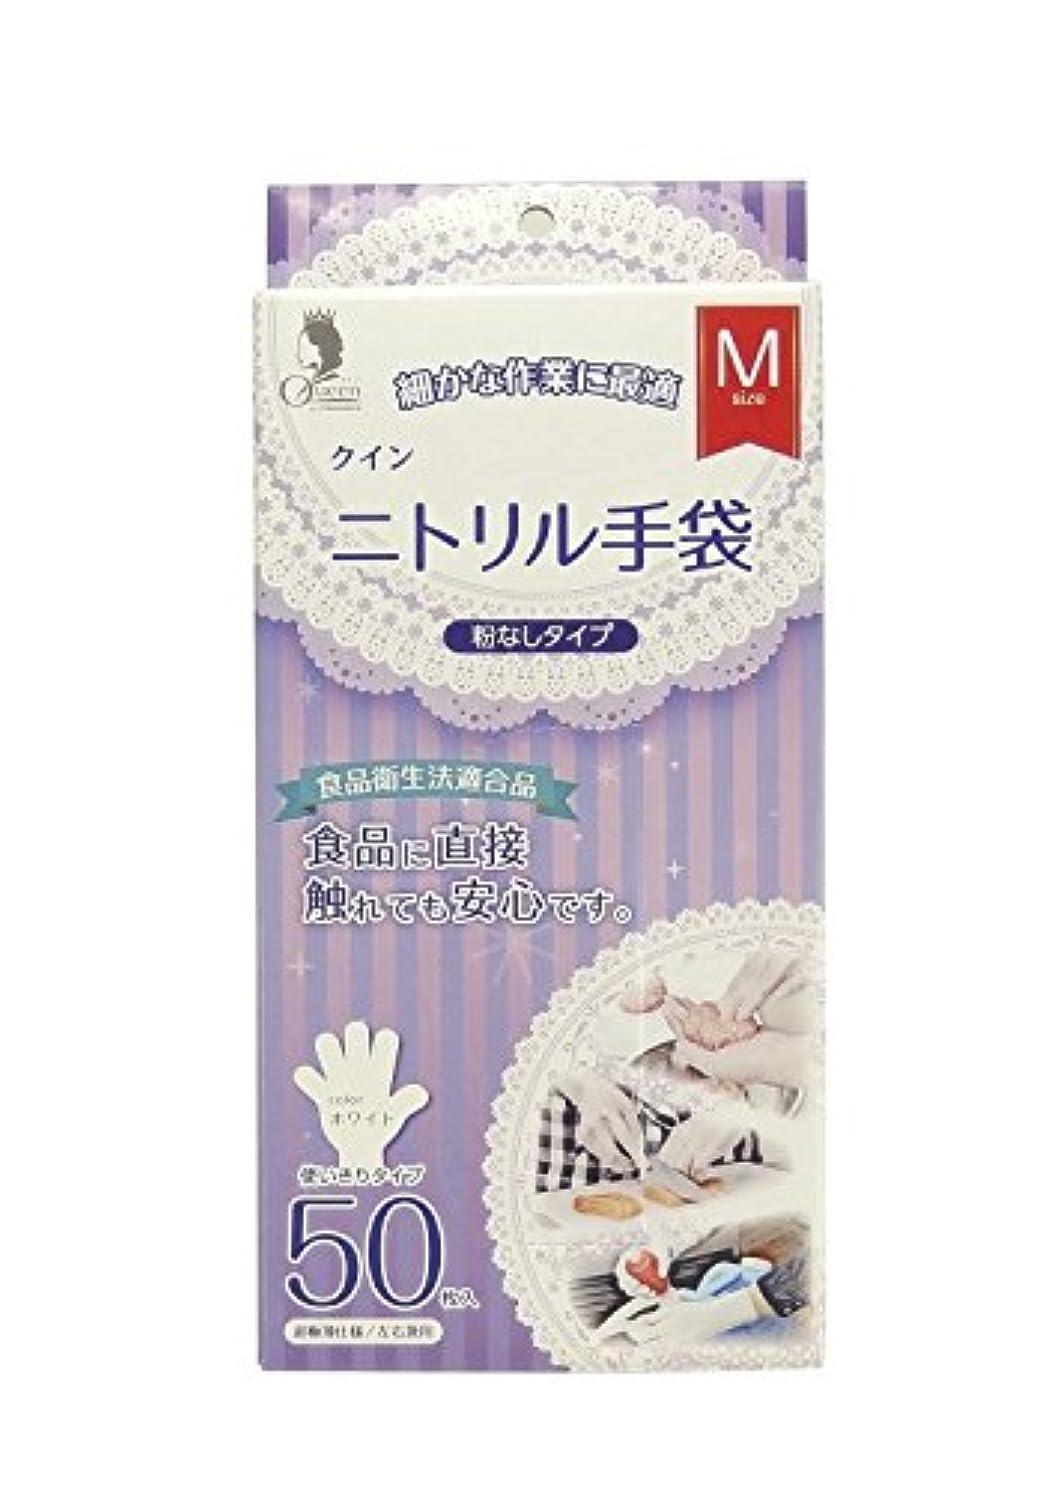 本会議宿題送料宇都宮製作 クイン ニトリル手袋(パウダーフリー) M 50枚